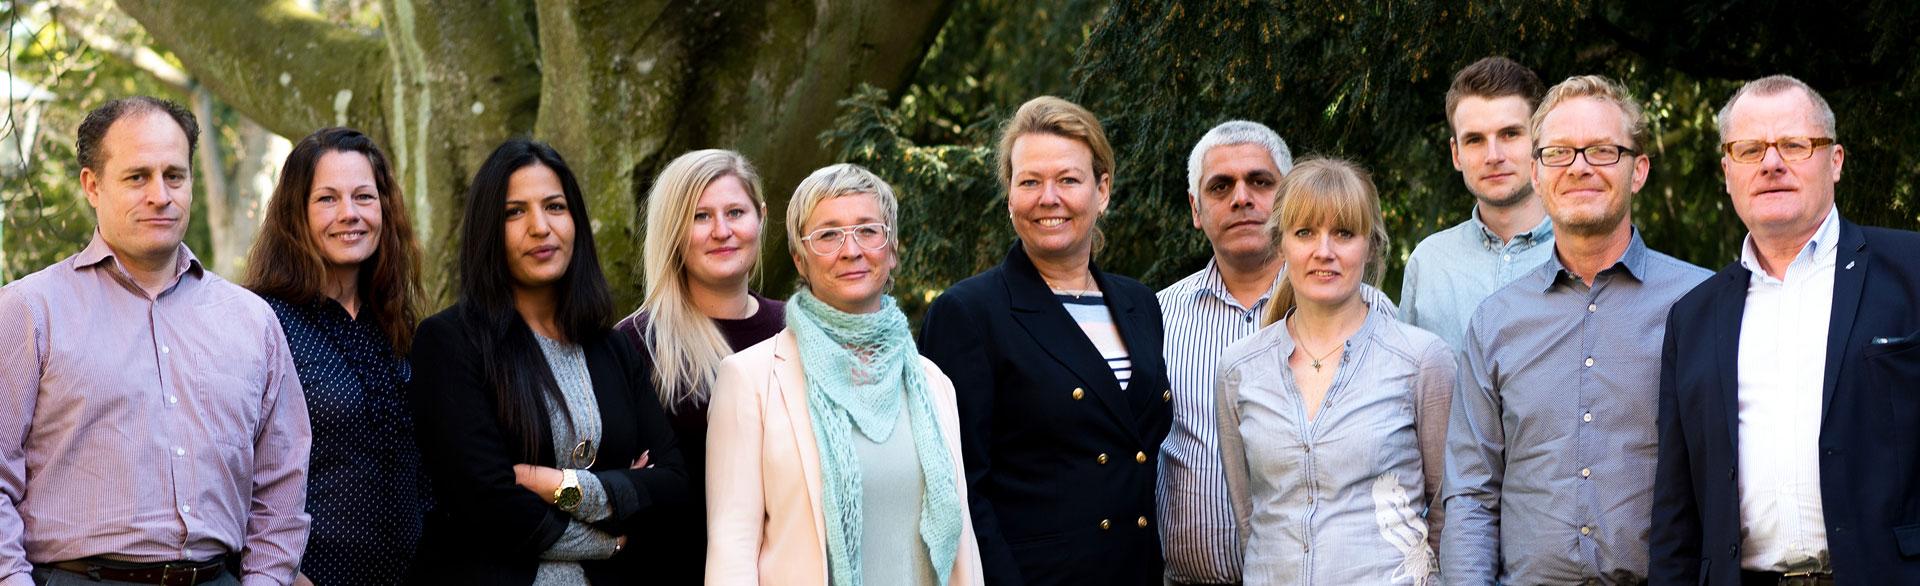 AB Företagsutveckling i Lund